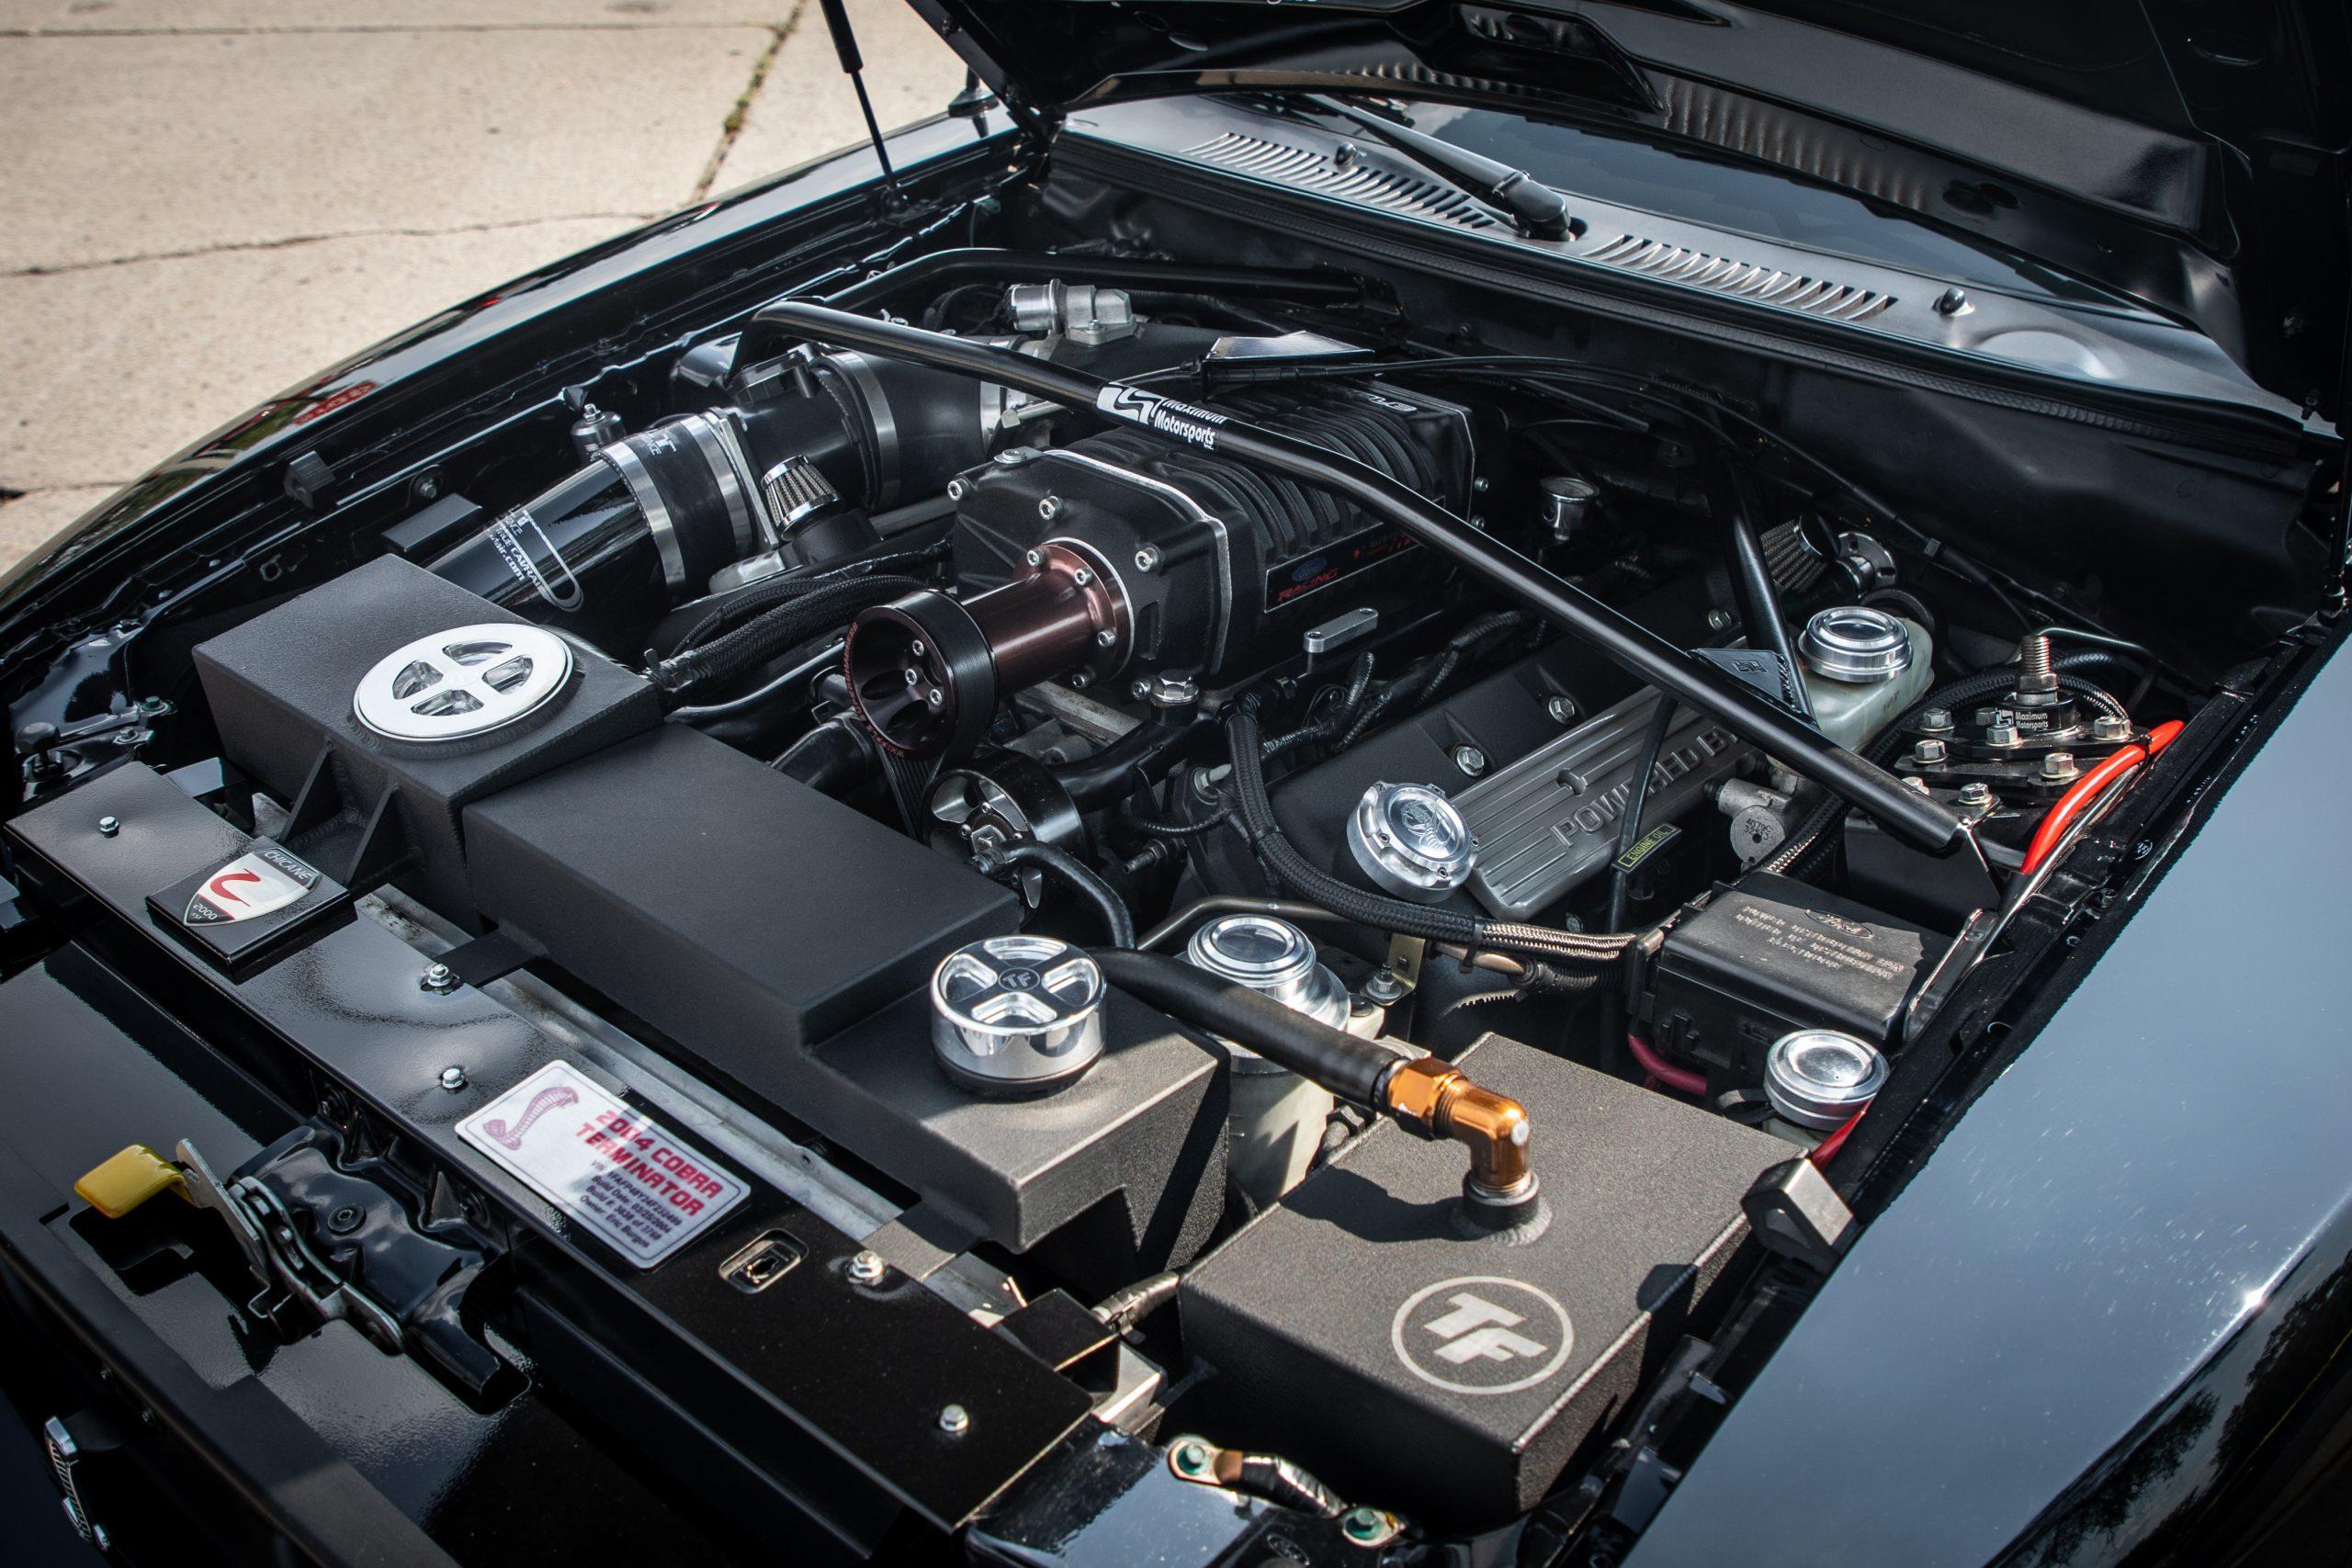 2021 Dream Cruise woodward ave cobra engine build